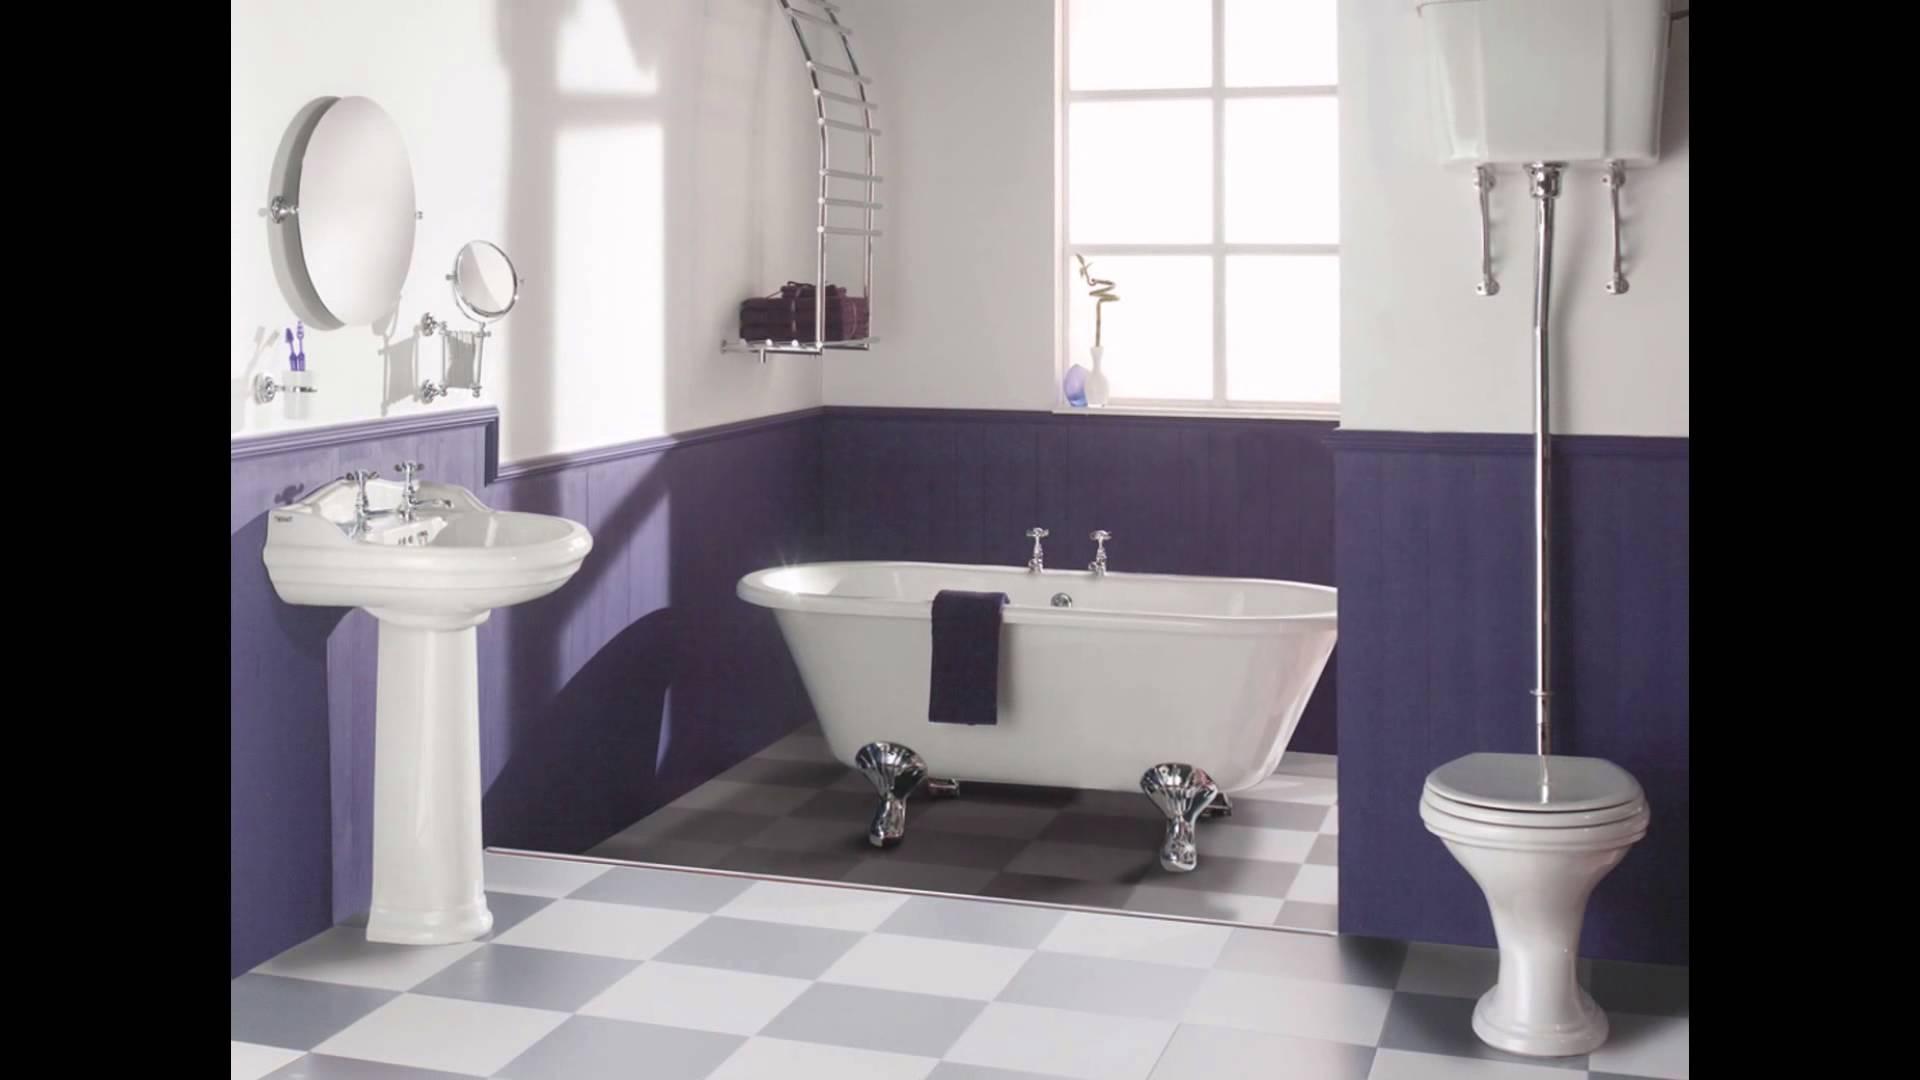 بالصور ديكورات حمامات بسيطة , بالصور احدث ديكورات حمامات جديده 35 6